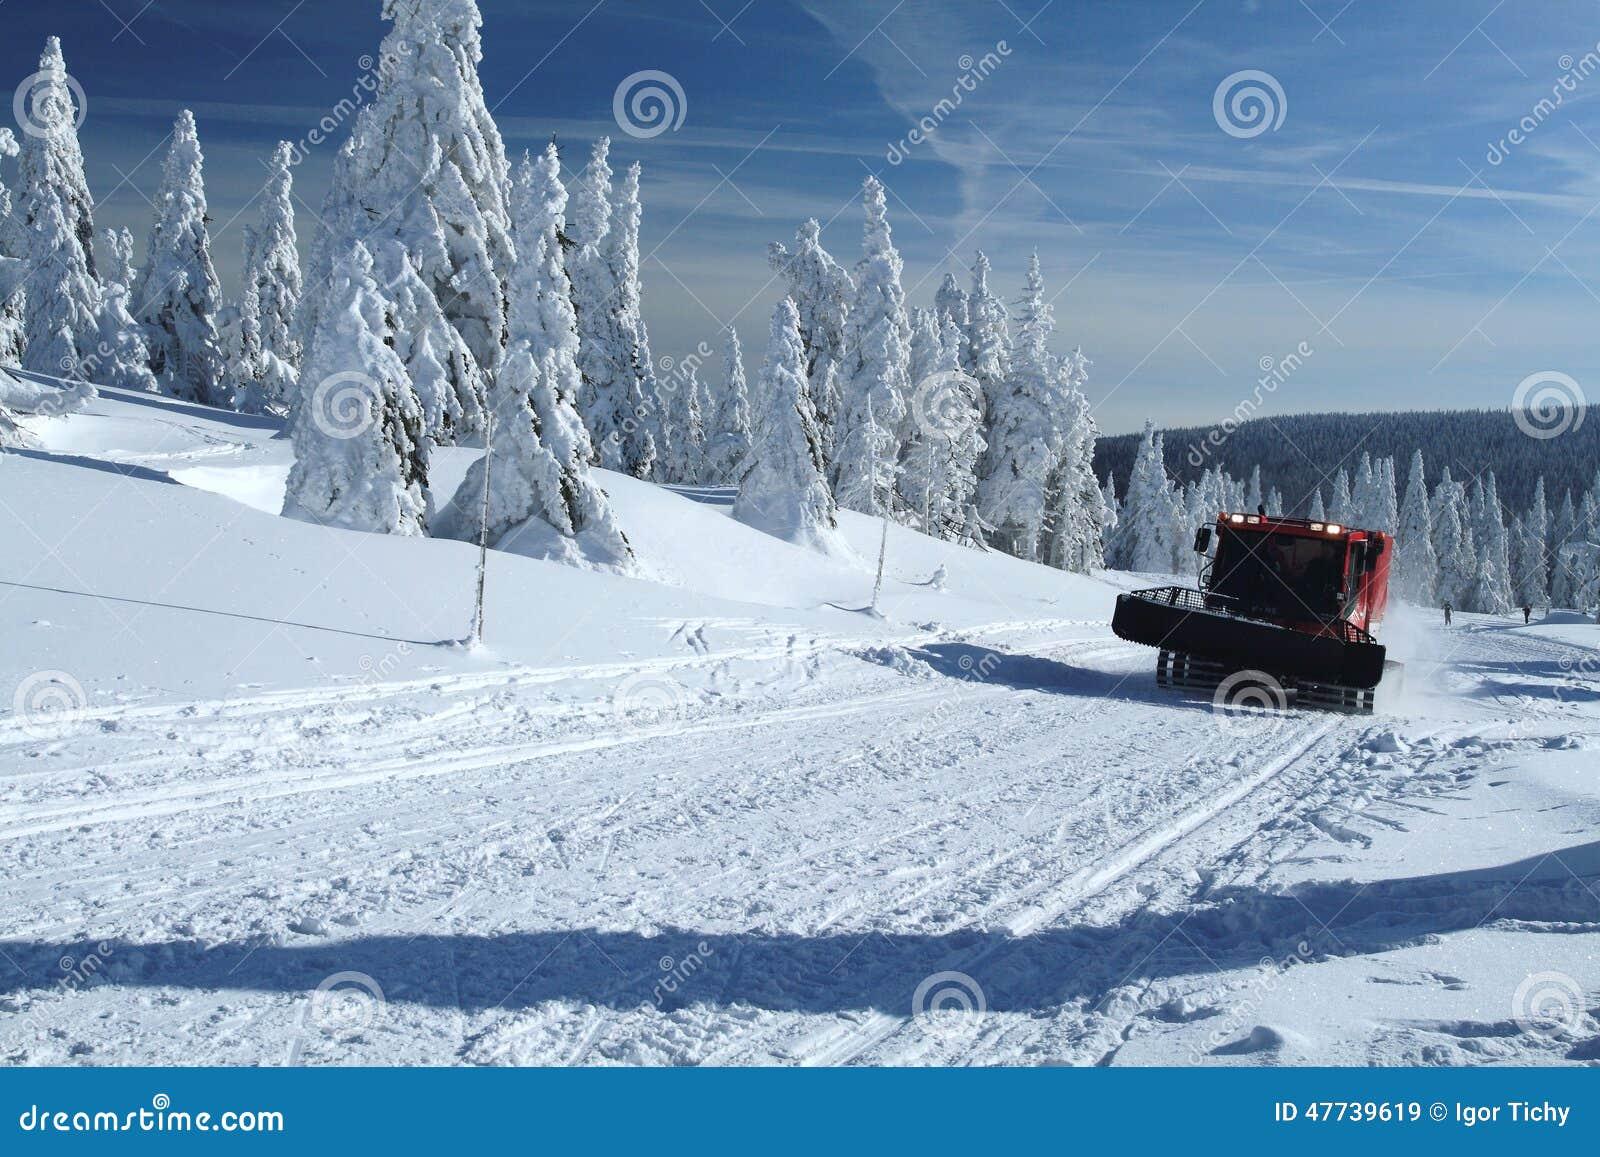 paysage d 39 hiver avec un chat de neige image stock image du toilettez montagne 47739619. Black Bedroom Furniture Sets. Home Design Ideas